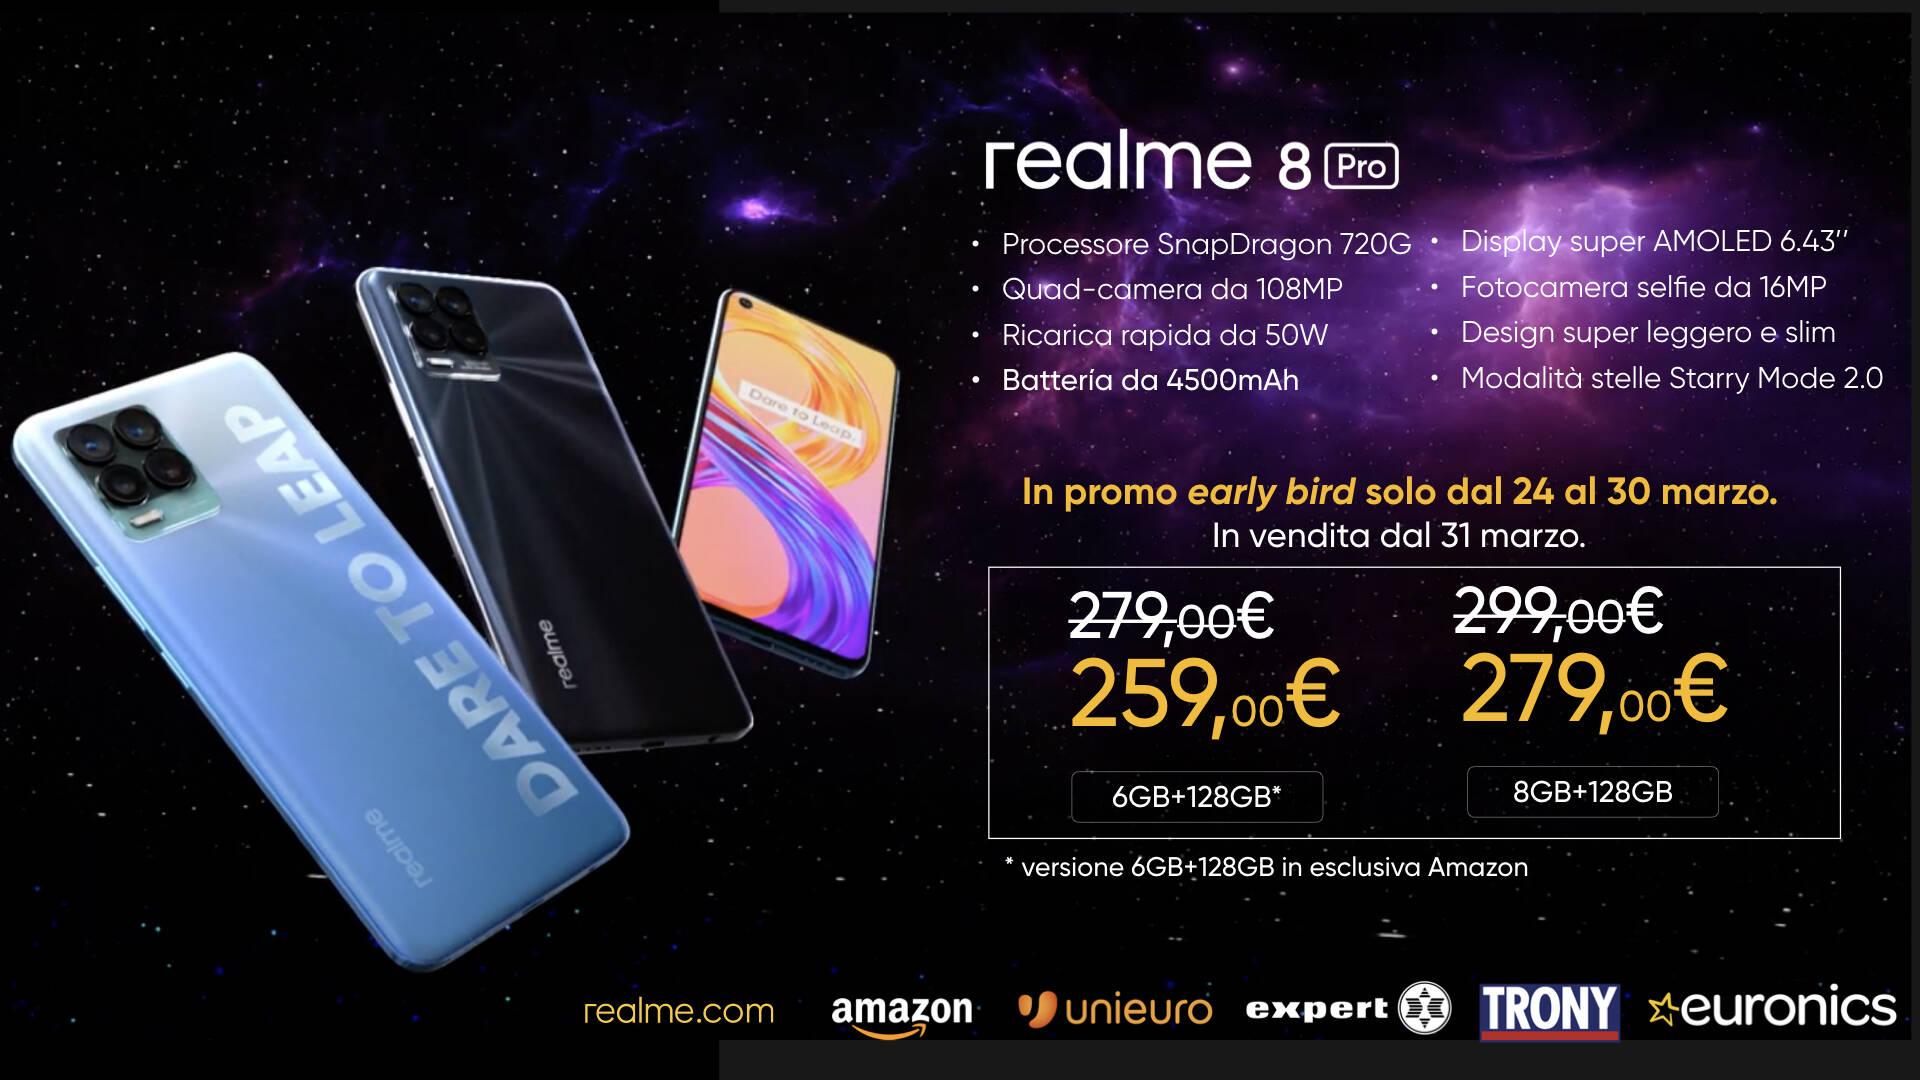 realme 8 Pro e AIoT prezzi